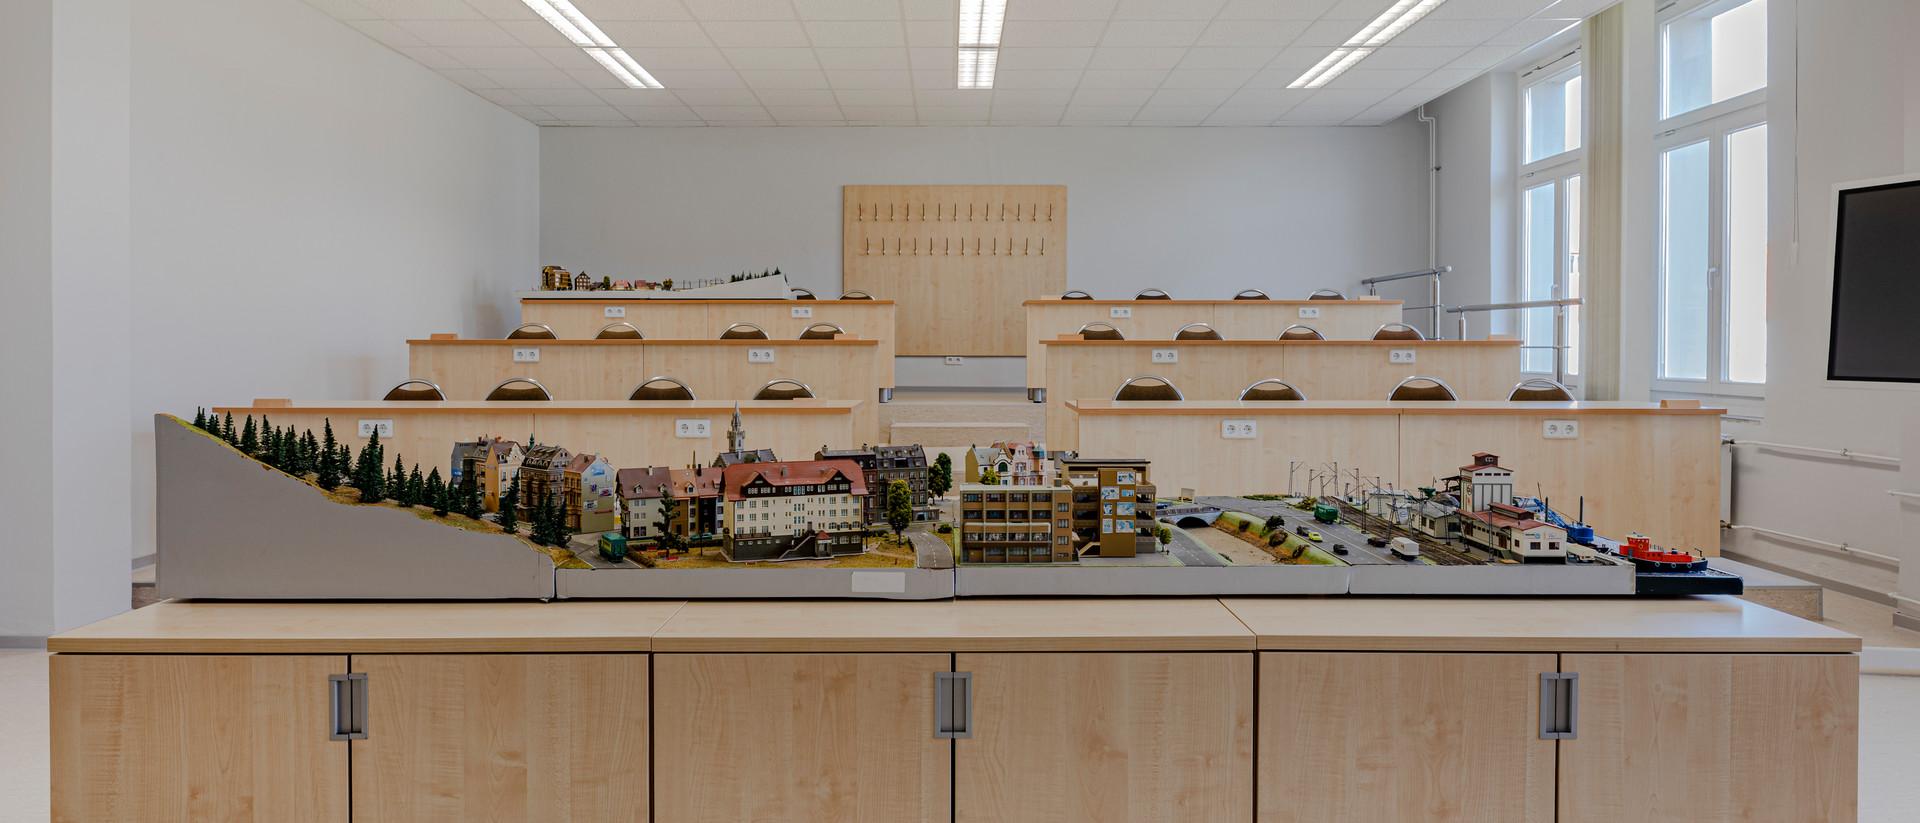 Ein leerer Hörsaal mit holzverkleideten Tischen. Im Vordergrund steht eine Miniatur modellierte Stadt.